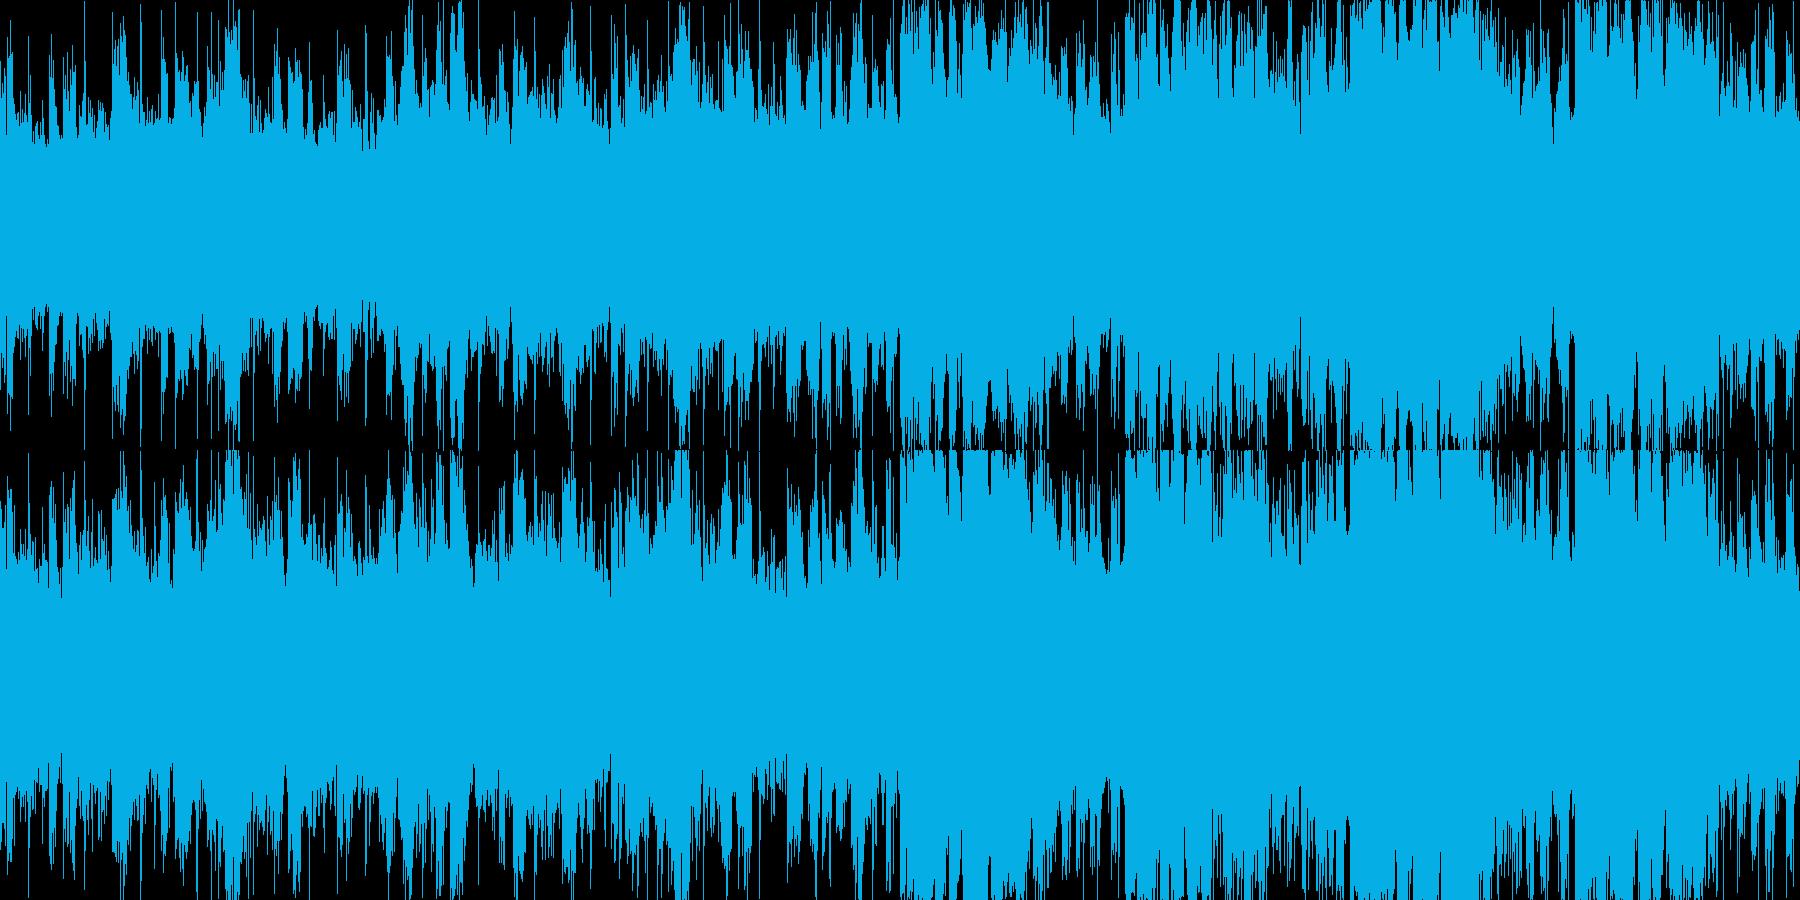 幻想チュートリアル/リズム(LOOP)の再生済みの波形